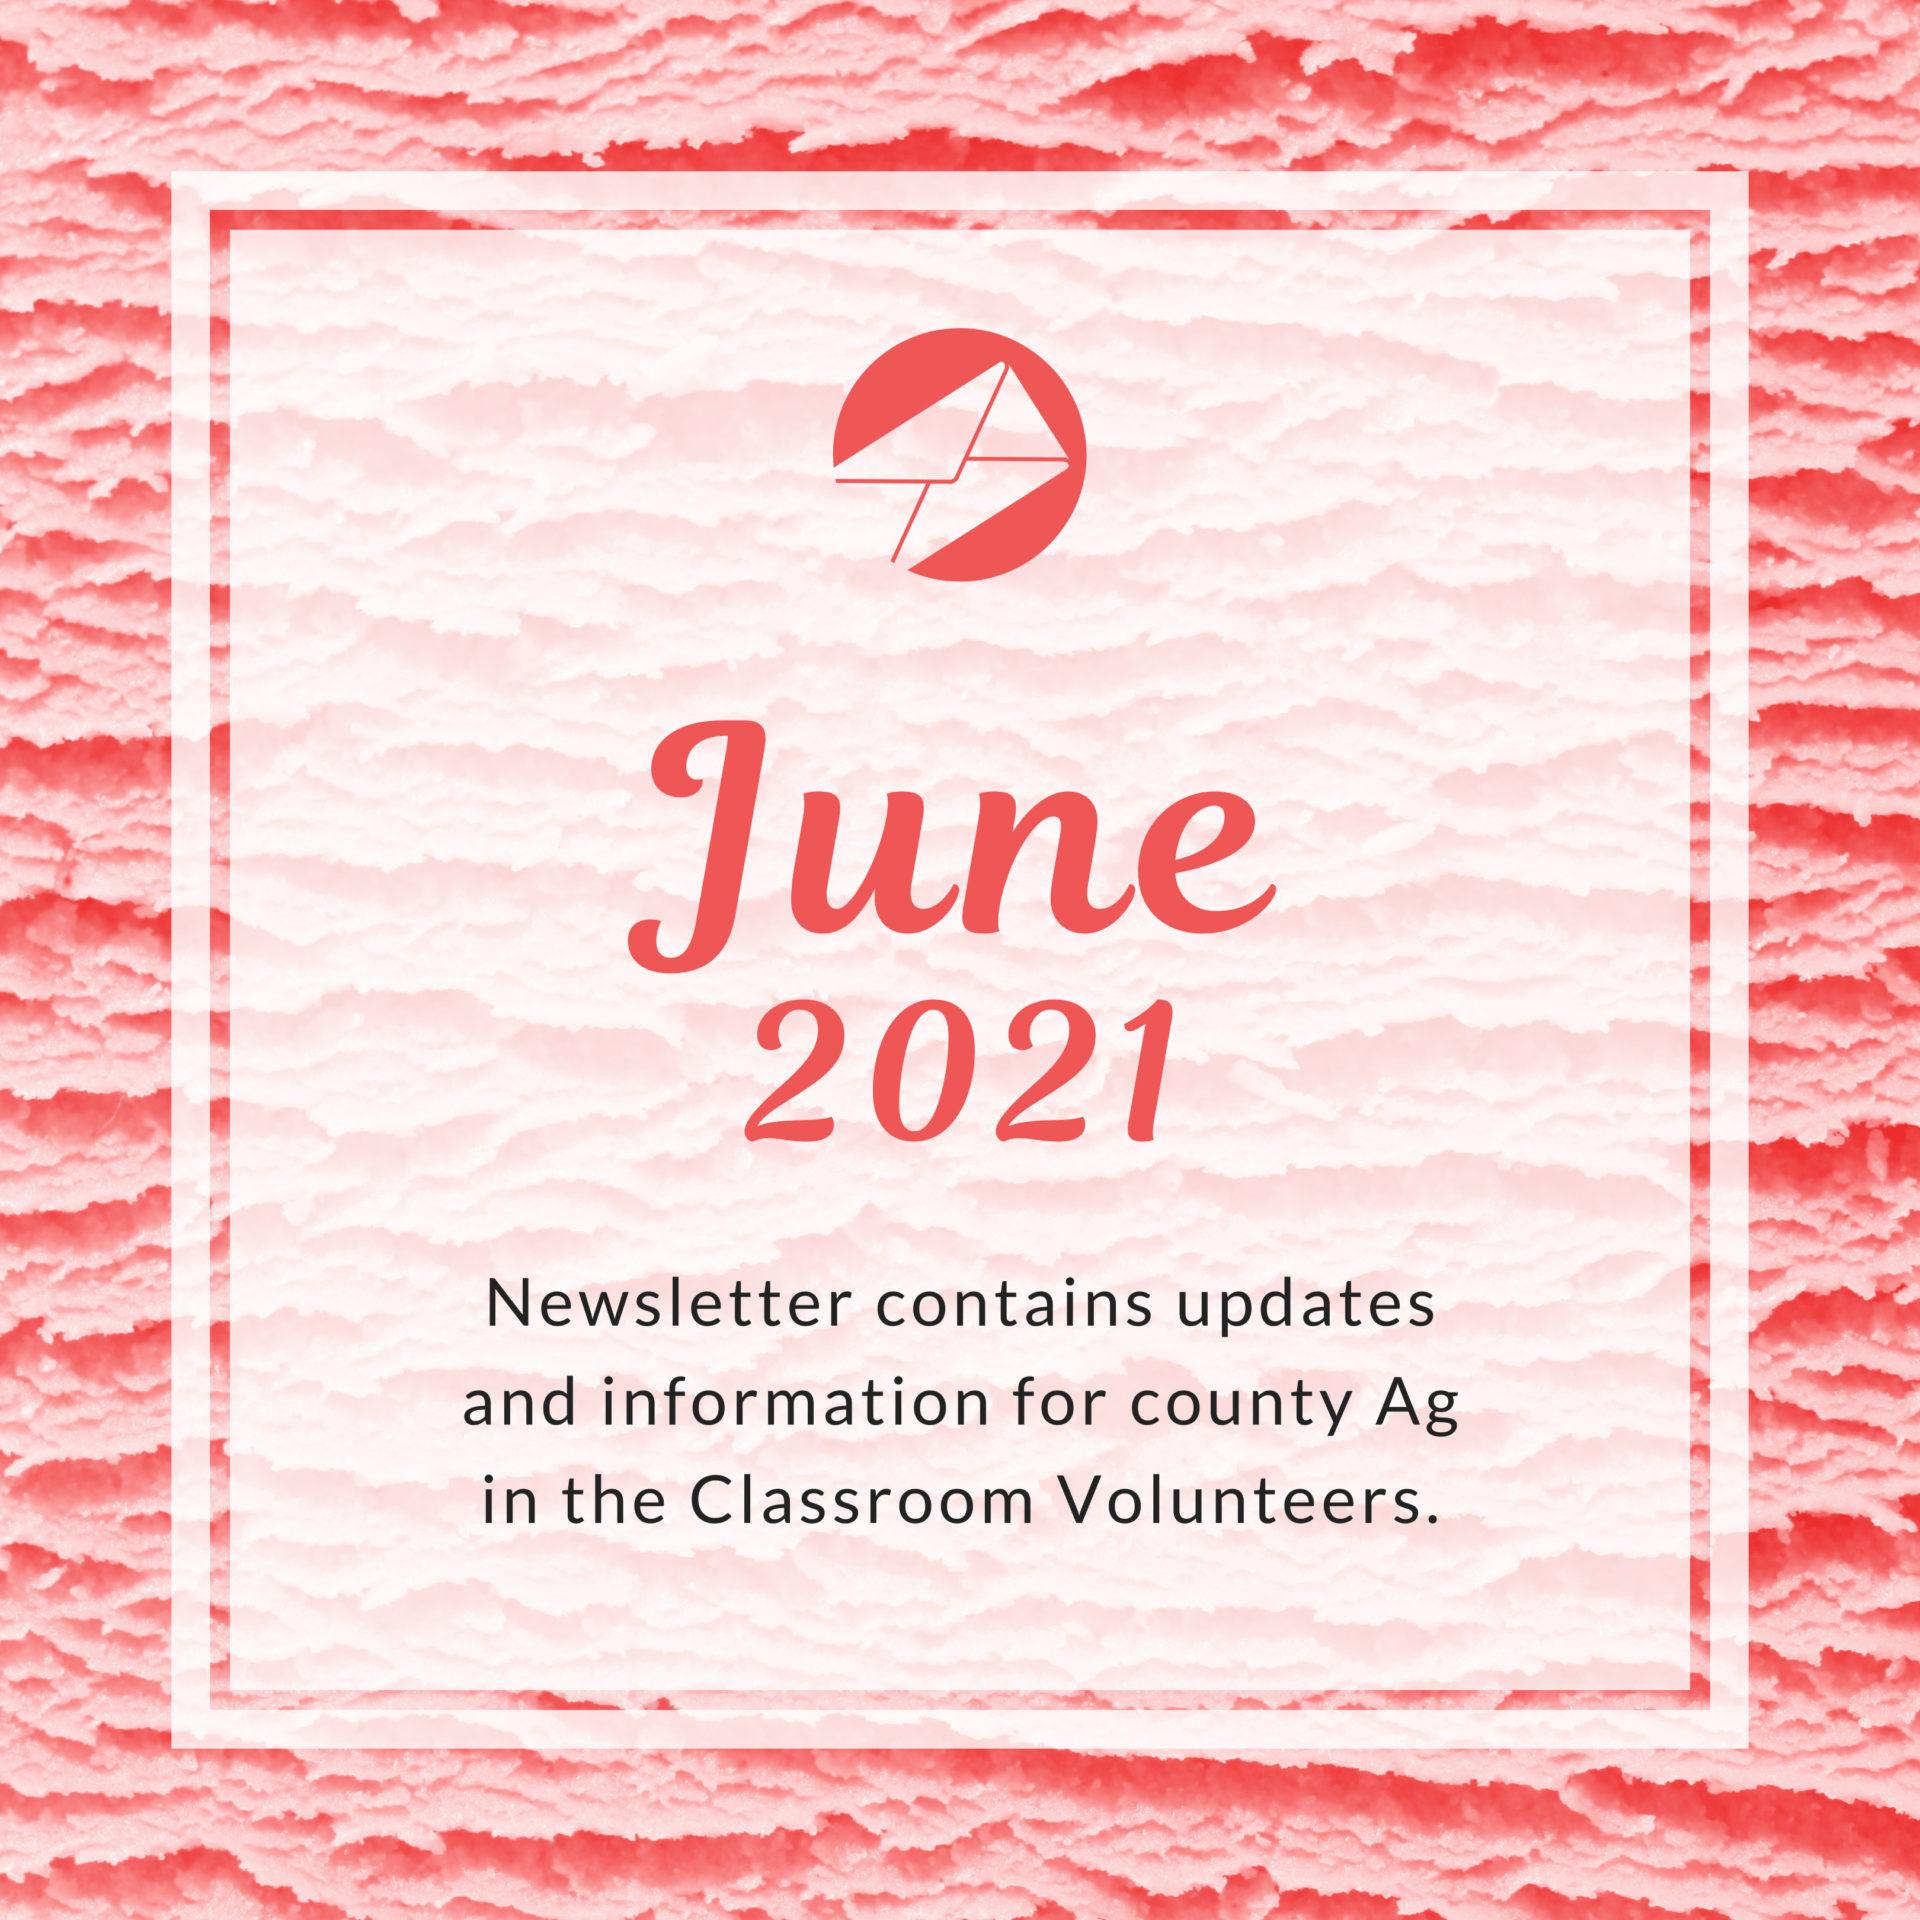 June 2021 Volunteers